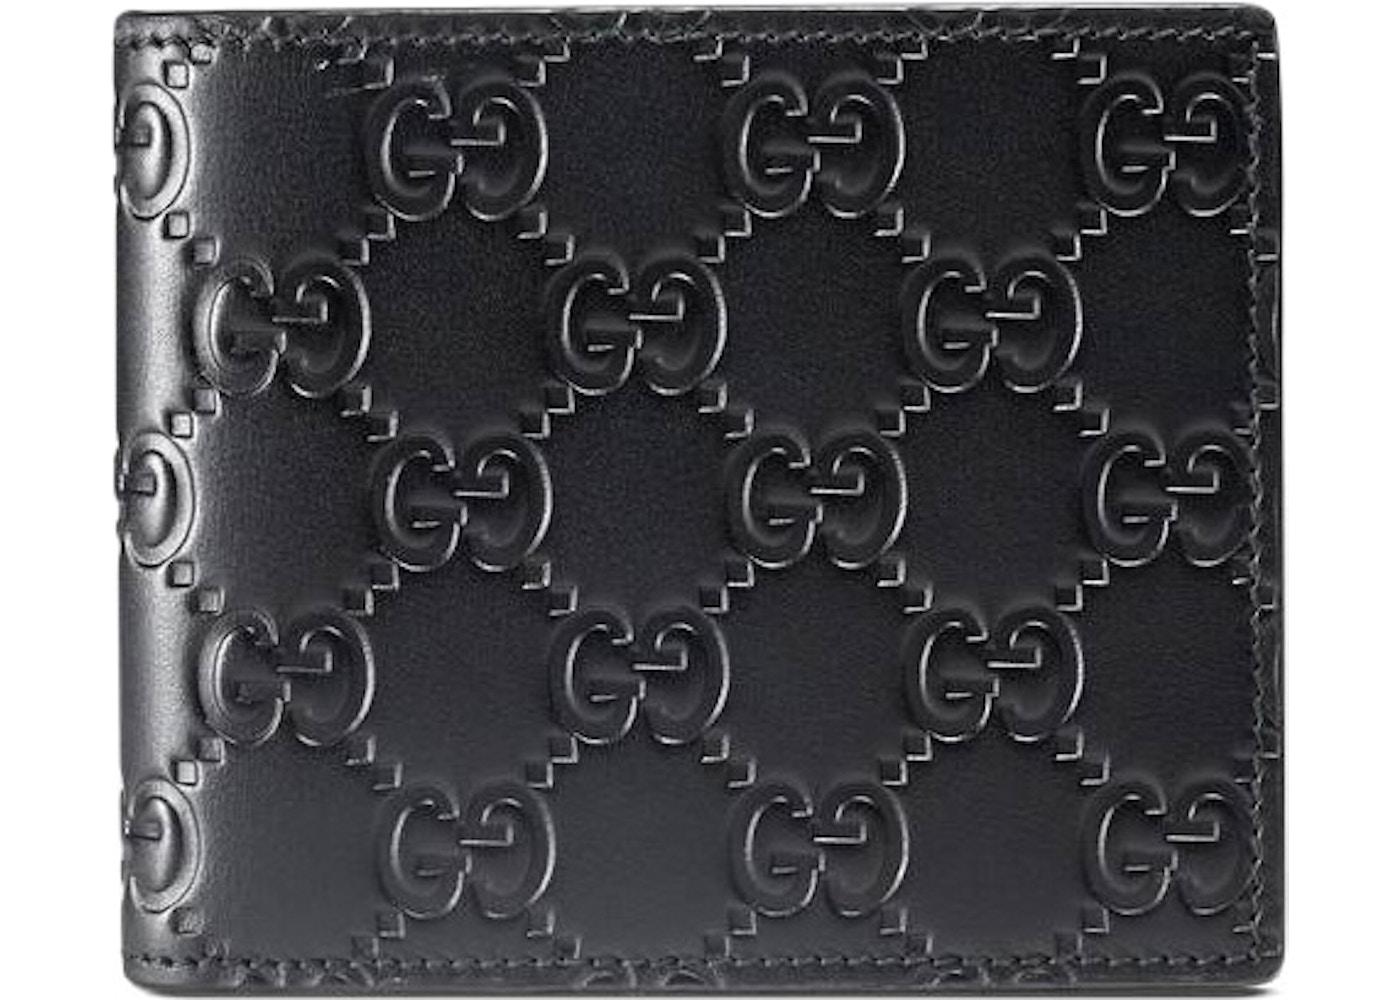 9f0b6d553ea6 Gucci Bifold Wallet Signature Black. Signature Black